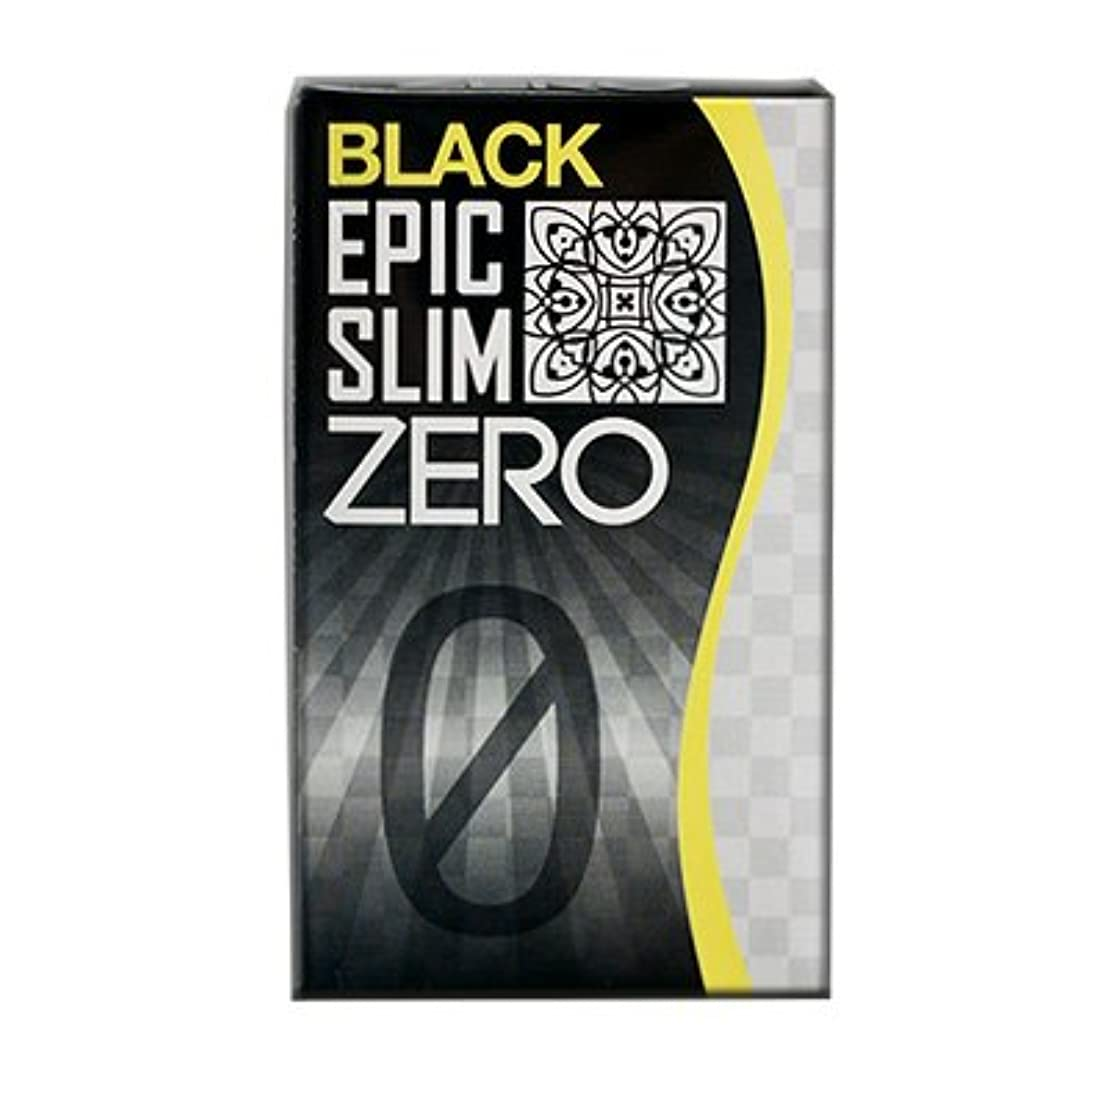 火炎酔うエイズブラック エピックスリム ゼロ ブラック Epic Slim ZERO BLACK